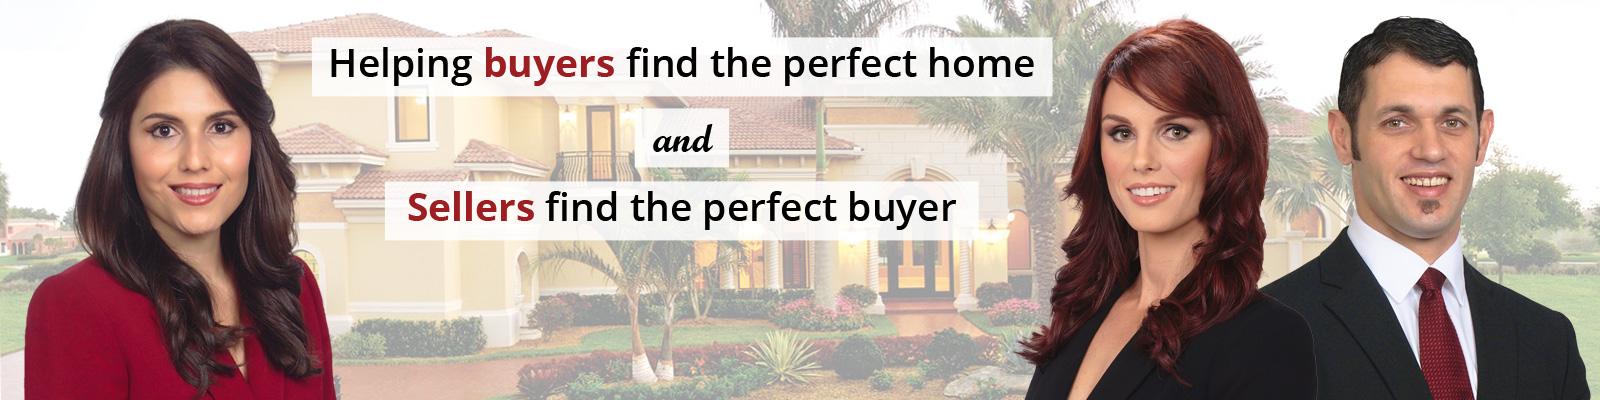 Velez Real Estate Group banner